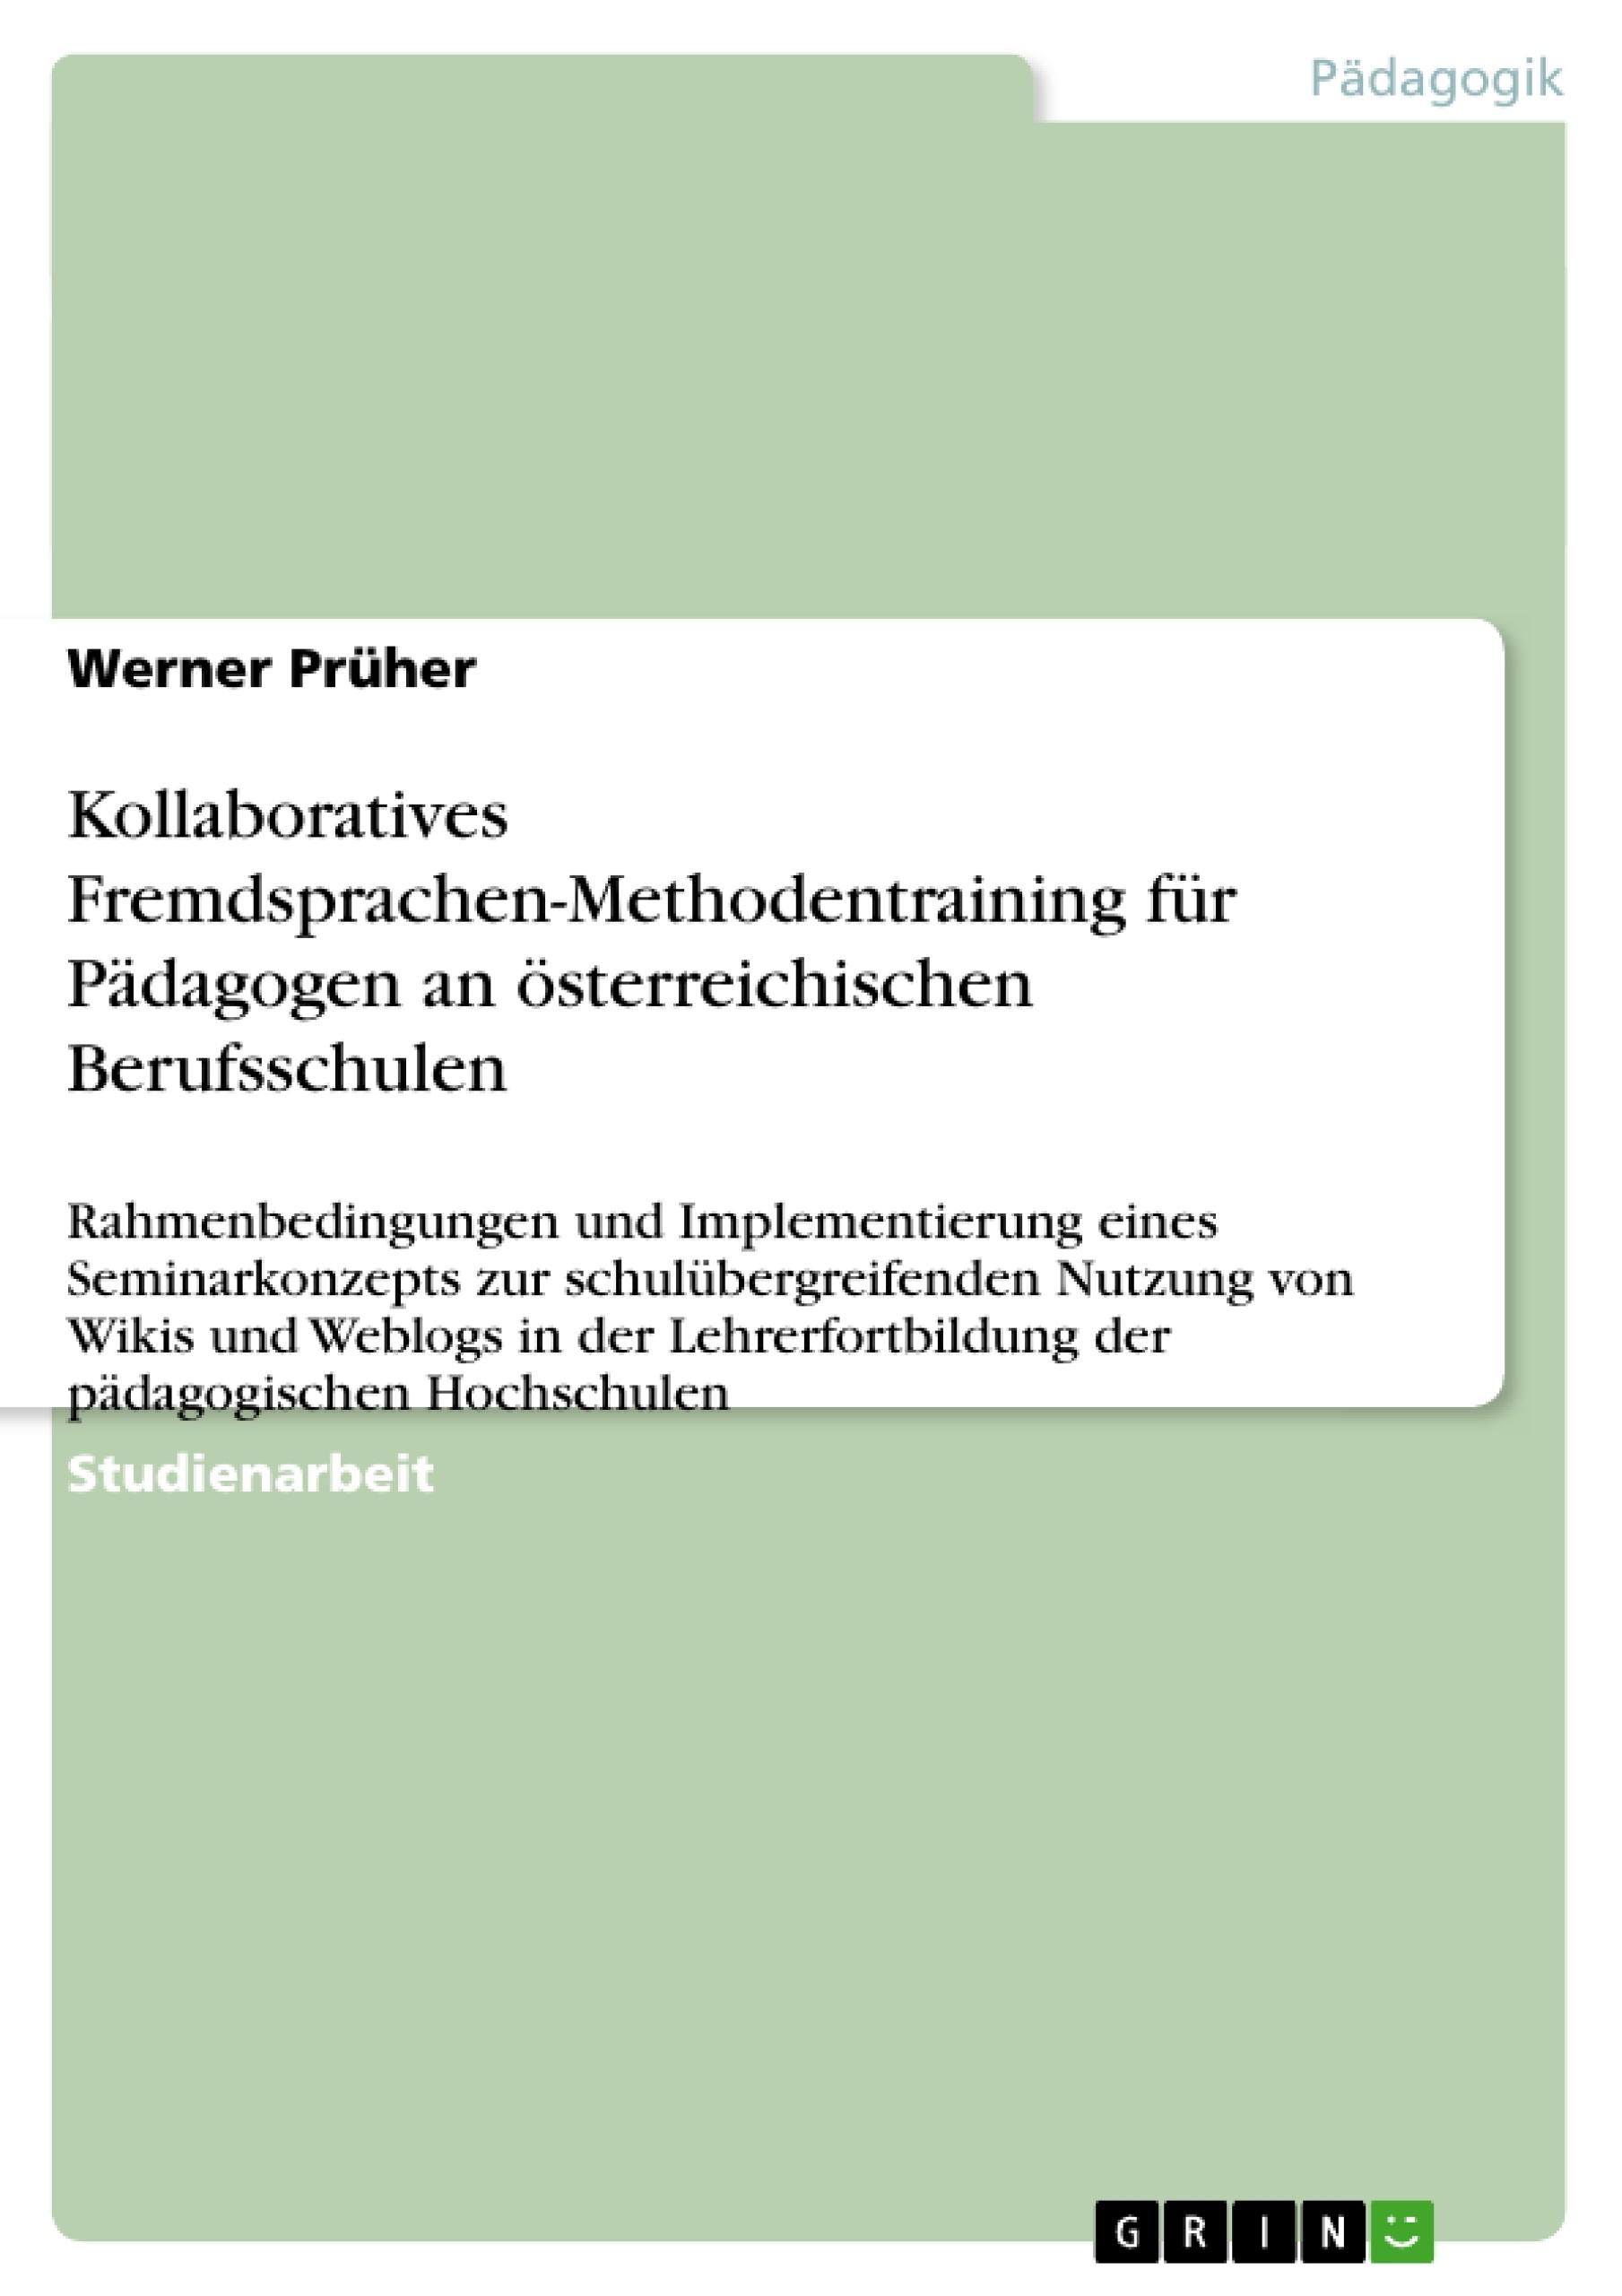 Titel: Kollaboratives Fremdsprachen-Methodentraining für Pädagogen an  österreichischen Berufsschulen